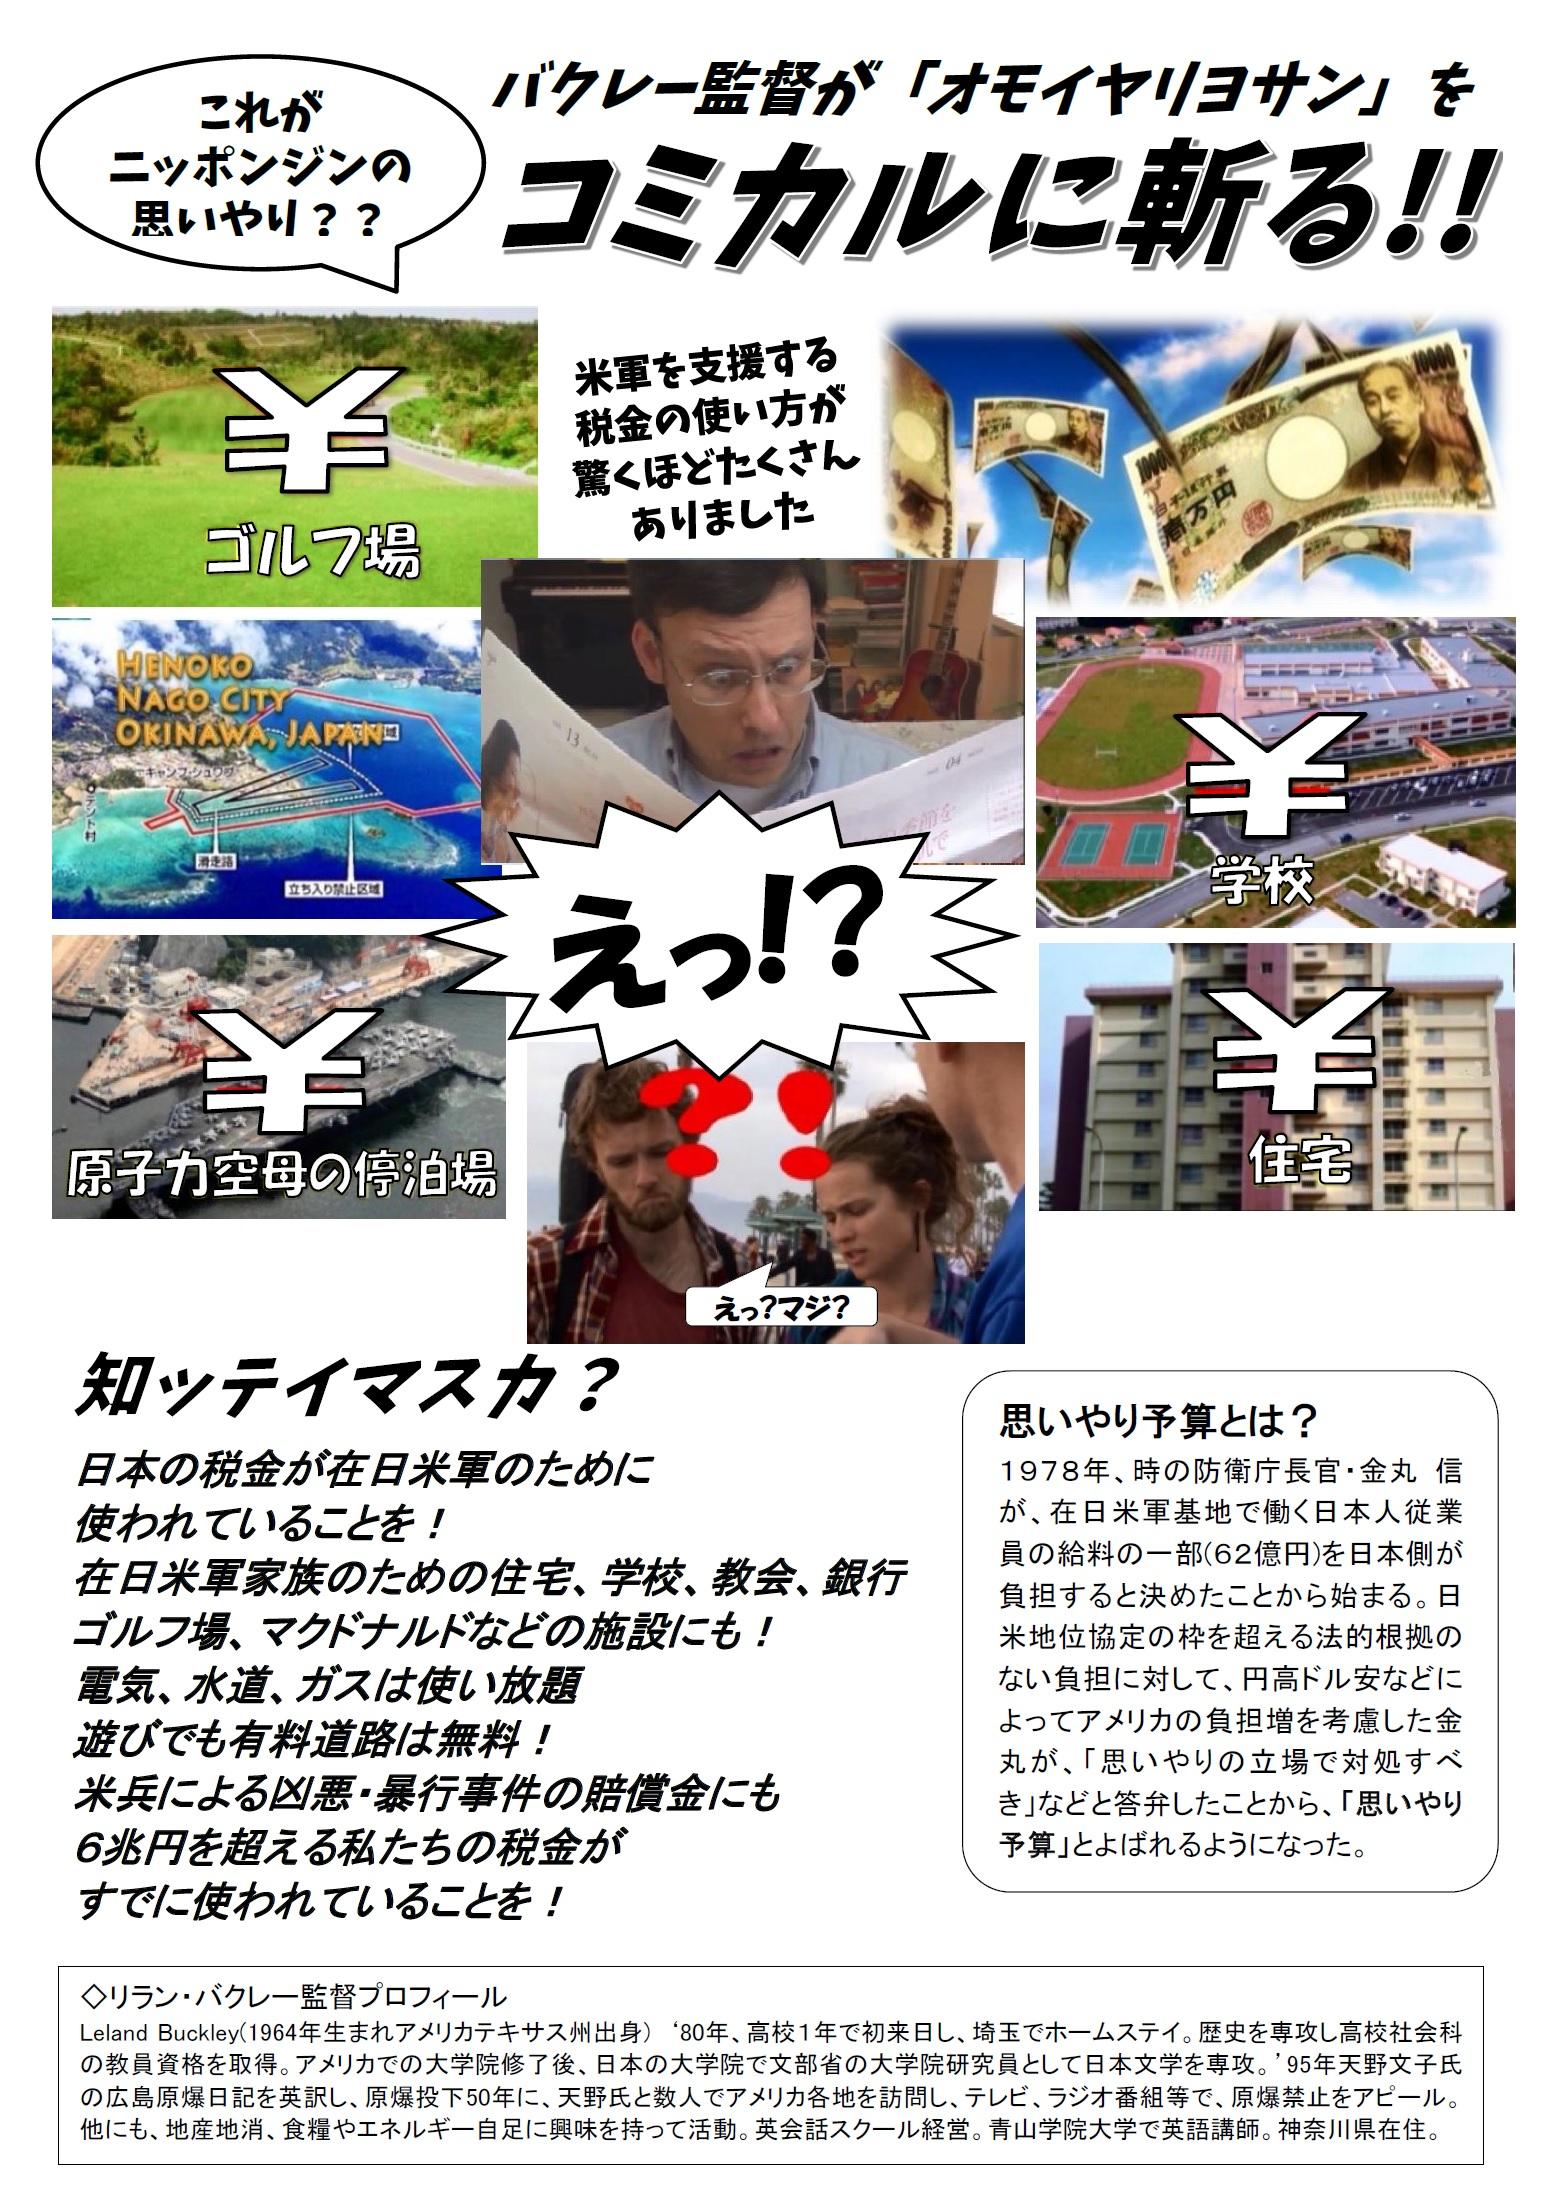 ザ・思いやり仙台2